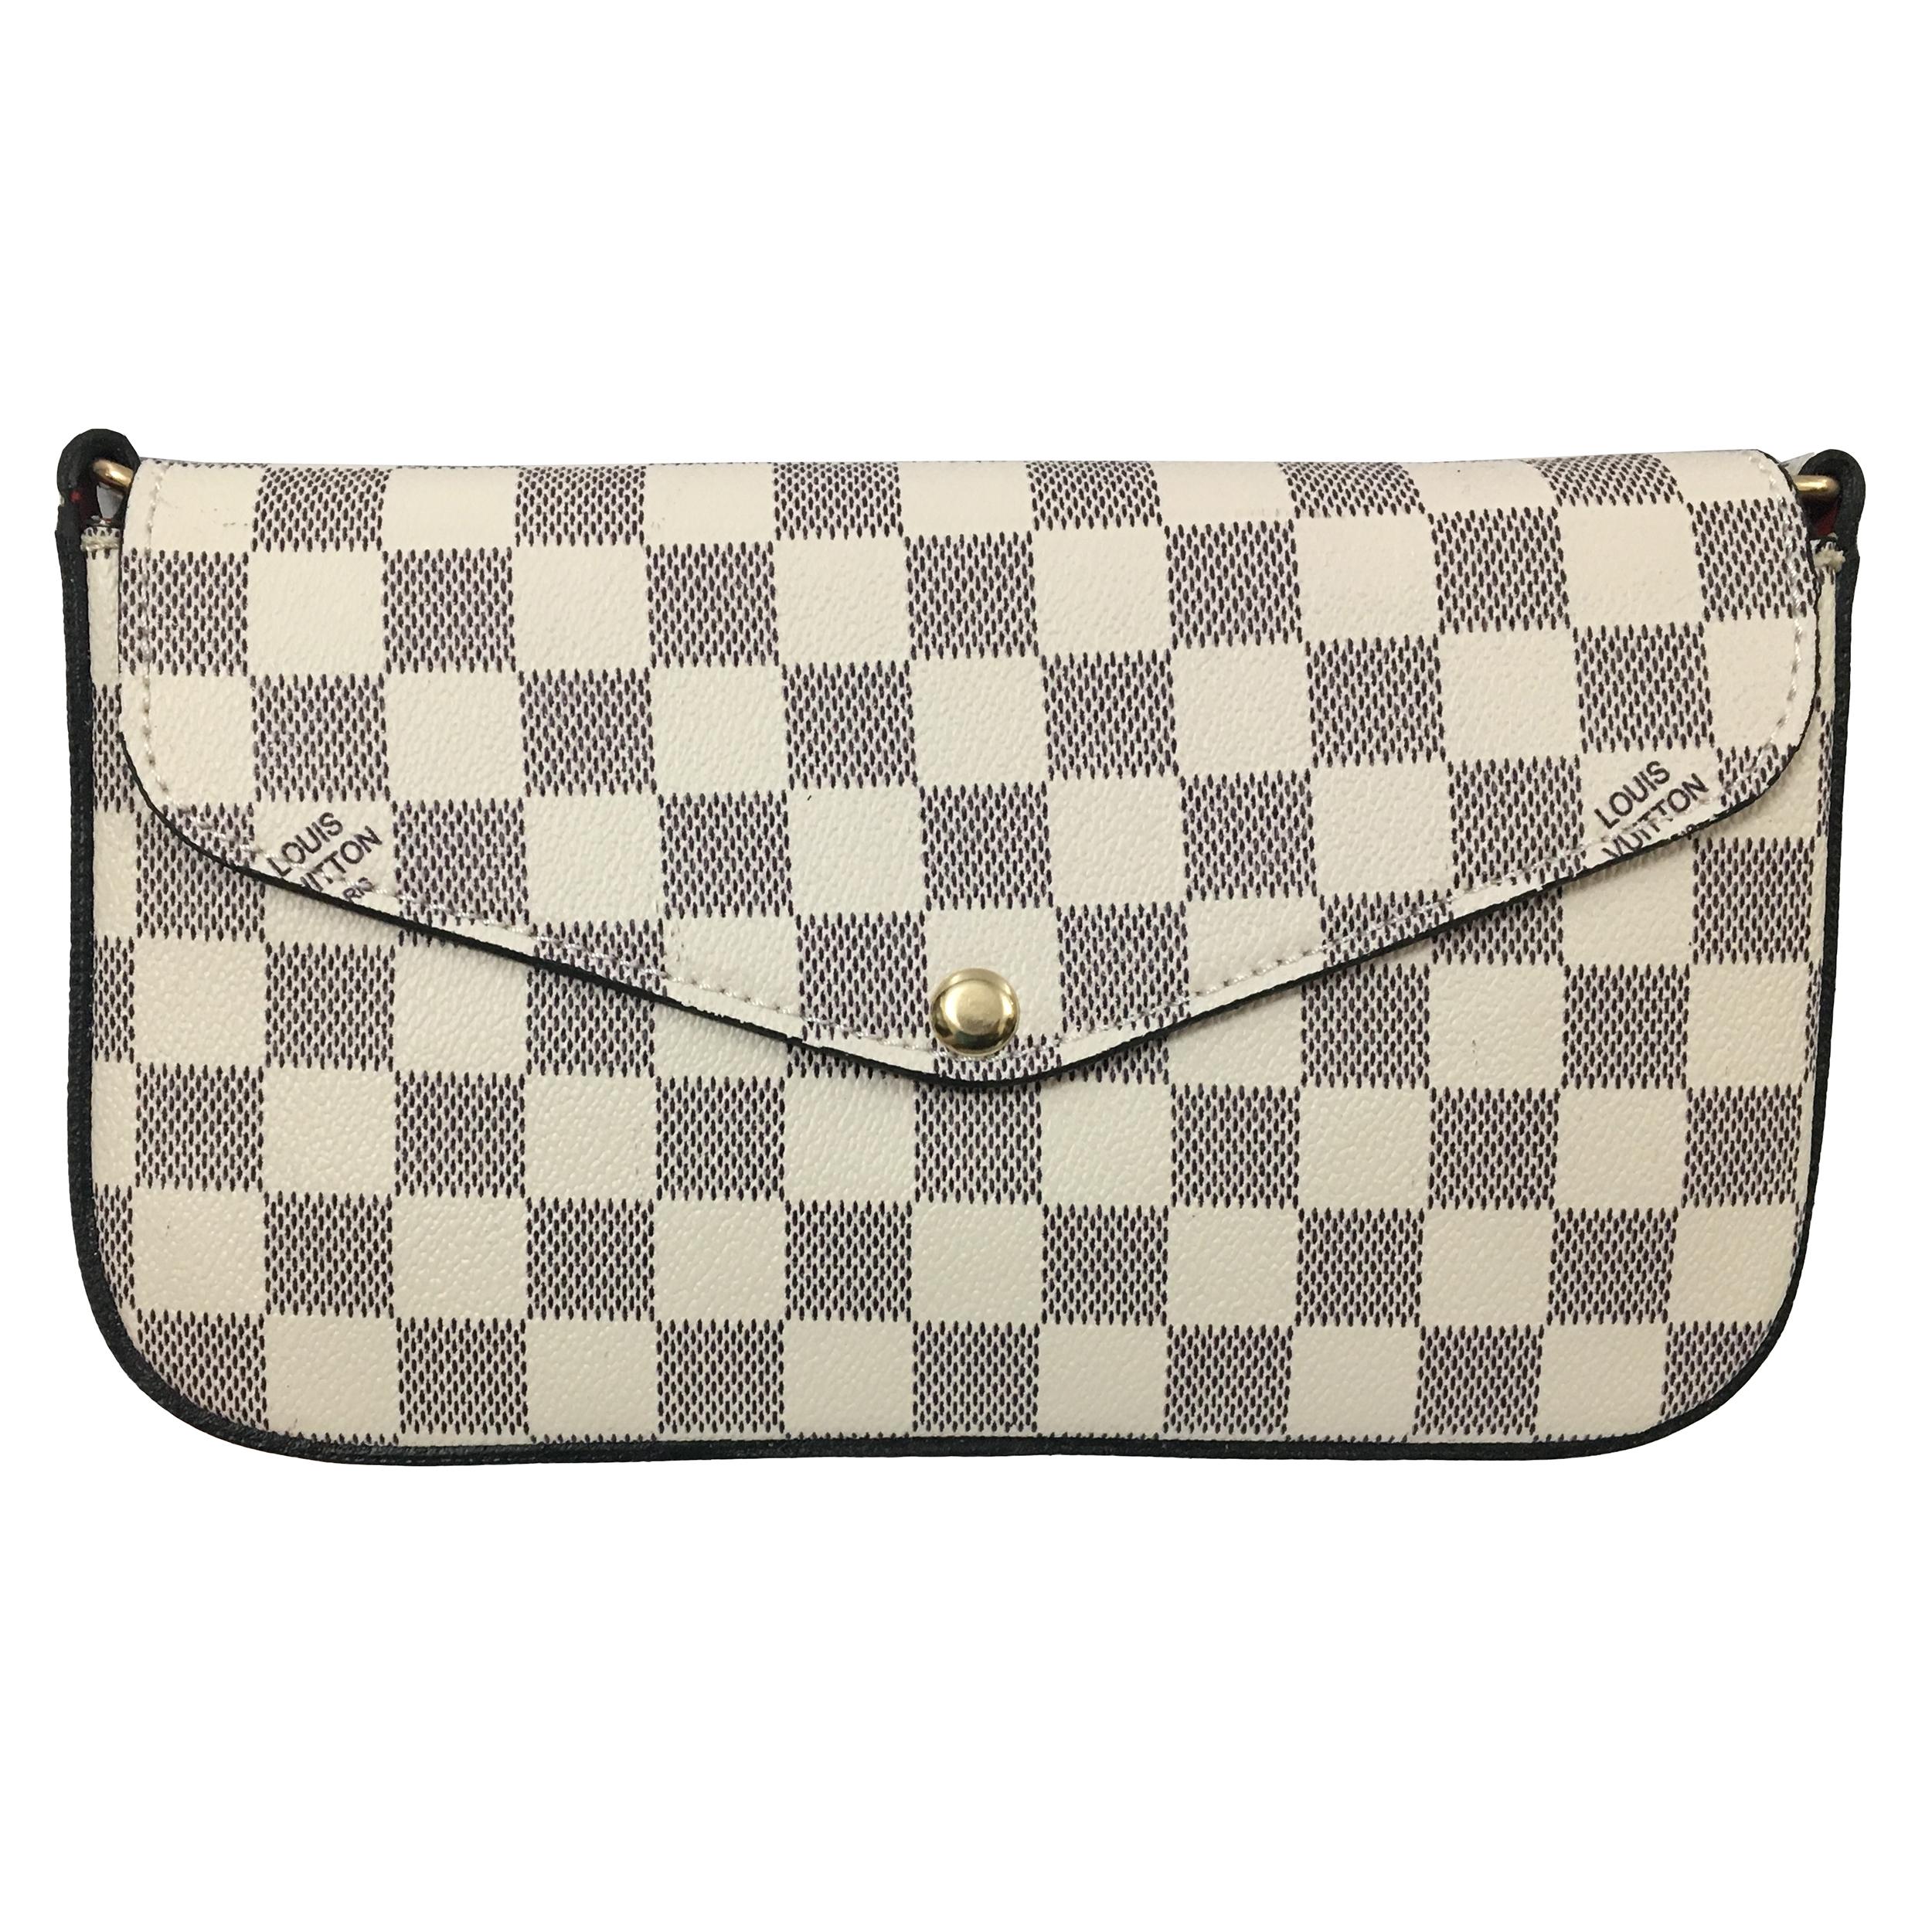 کیف دستی زنانه کد 17221